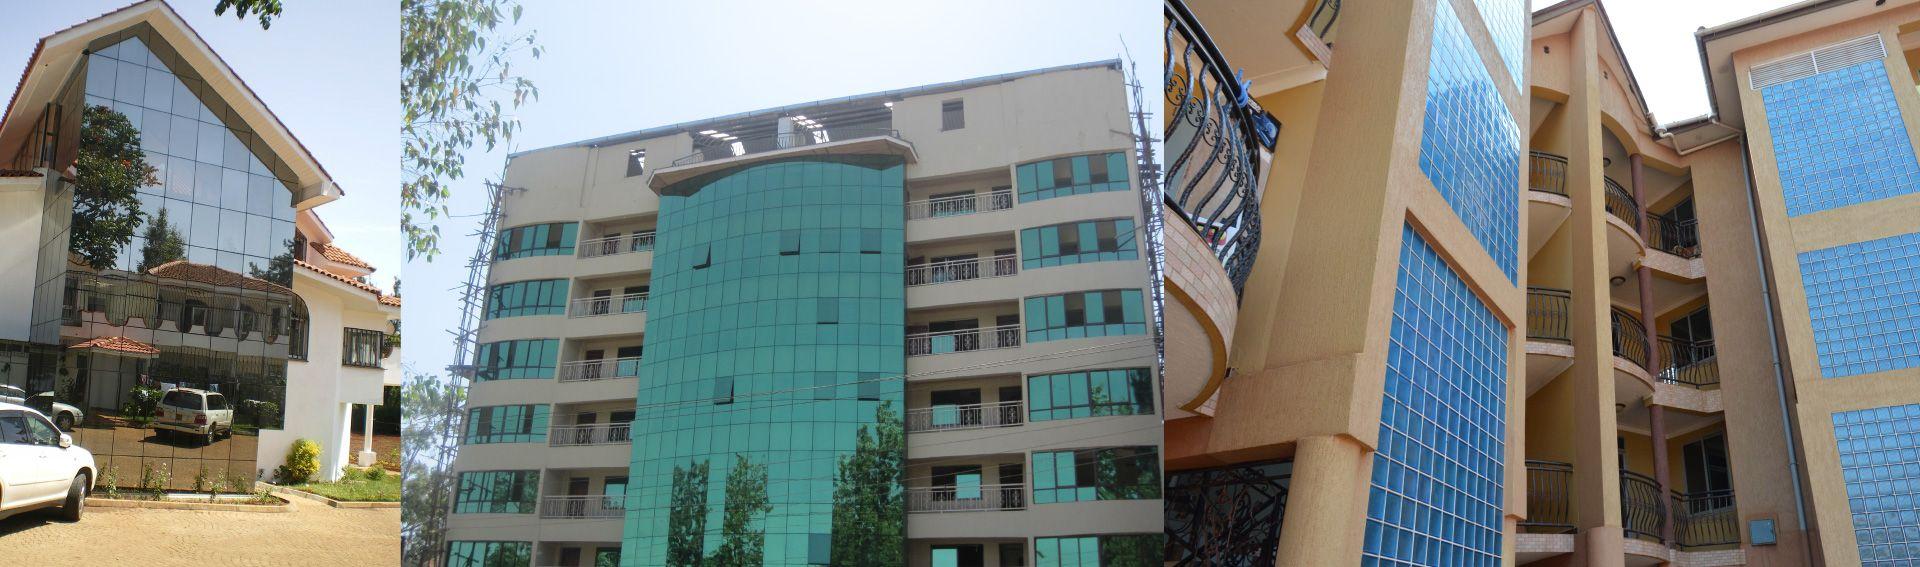 Aluminium Windows and Doors Kampala, Uganda